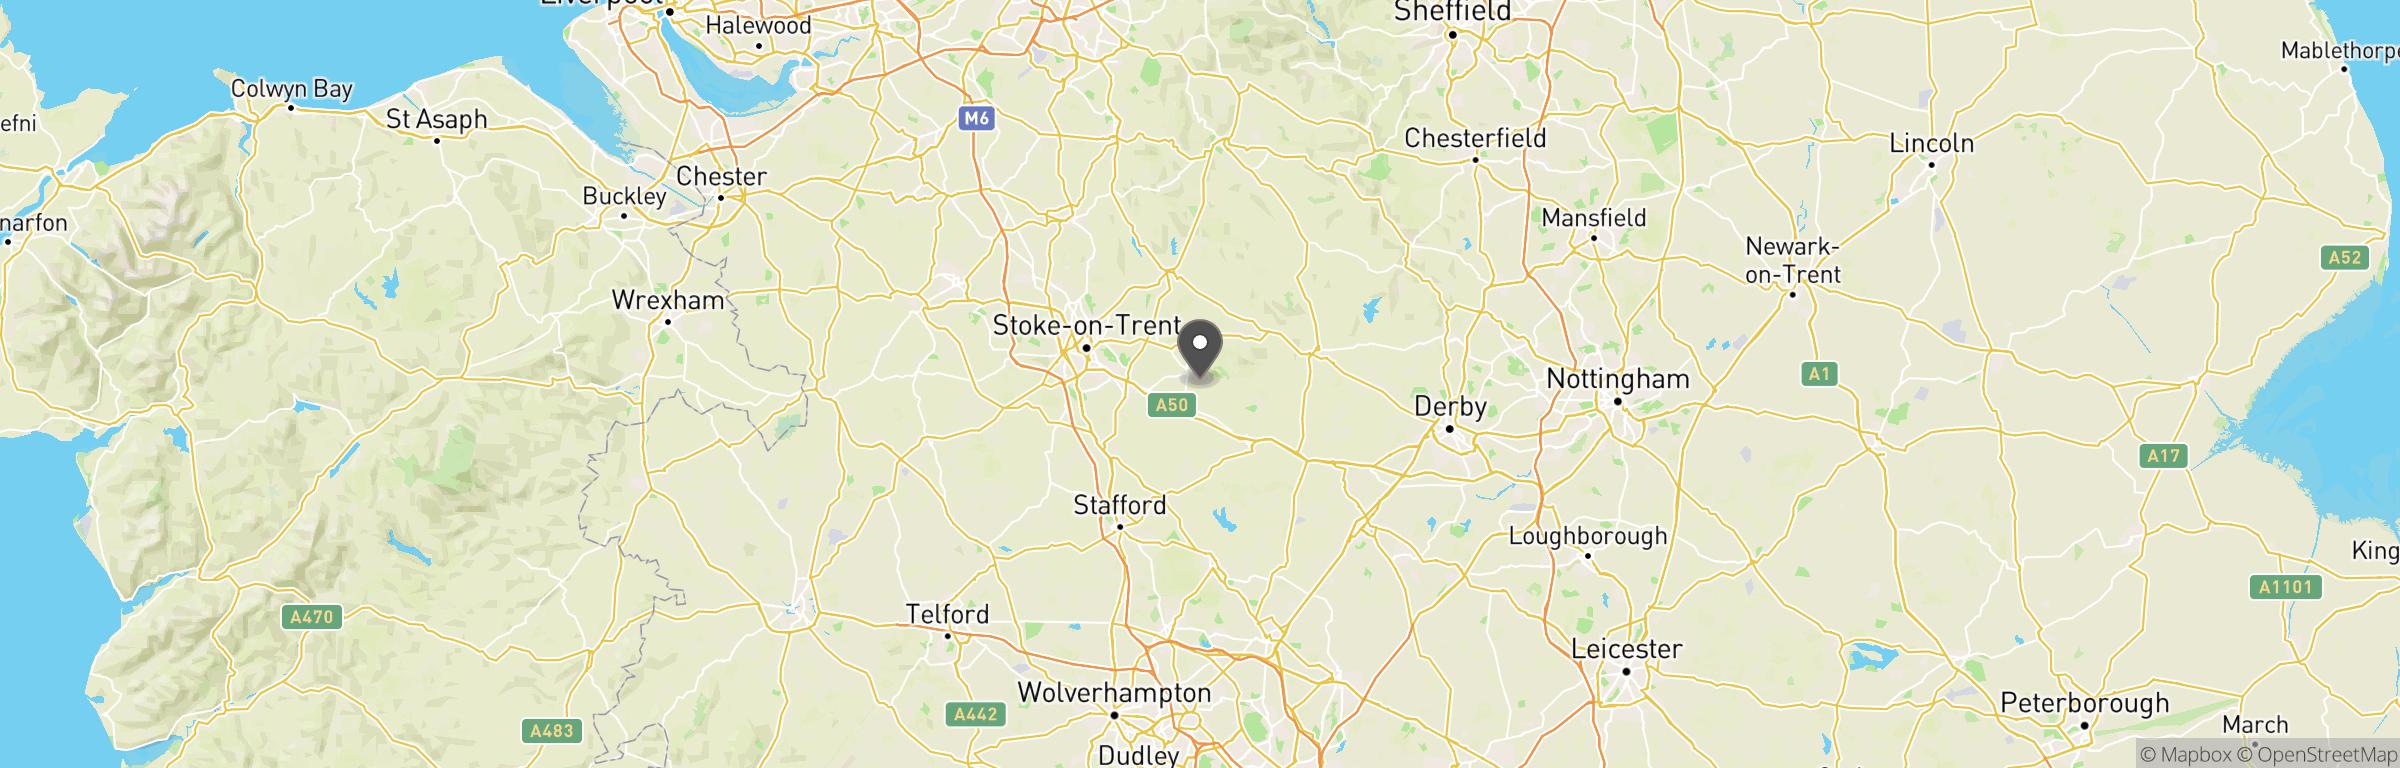 Location map of West Midlands F.O.B.